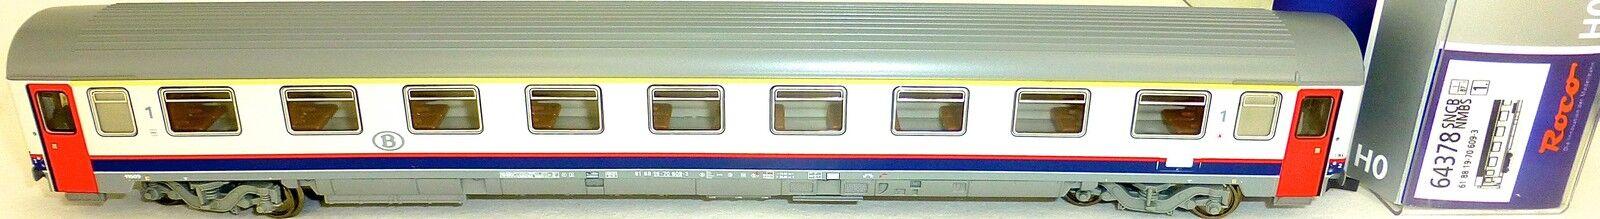 Sncb Eurofima Express Train Wagon 1st Cl. Nem Kkk Ep V Roco